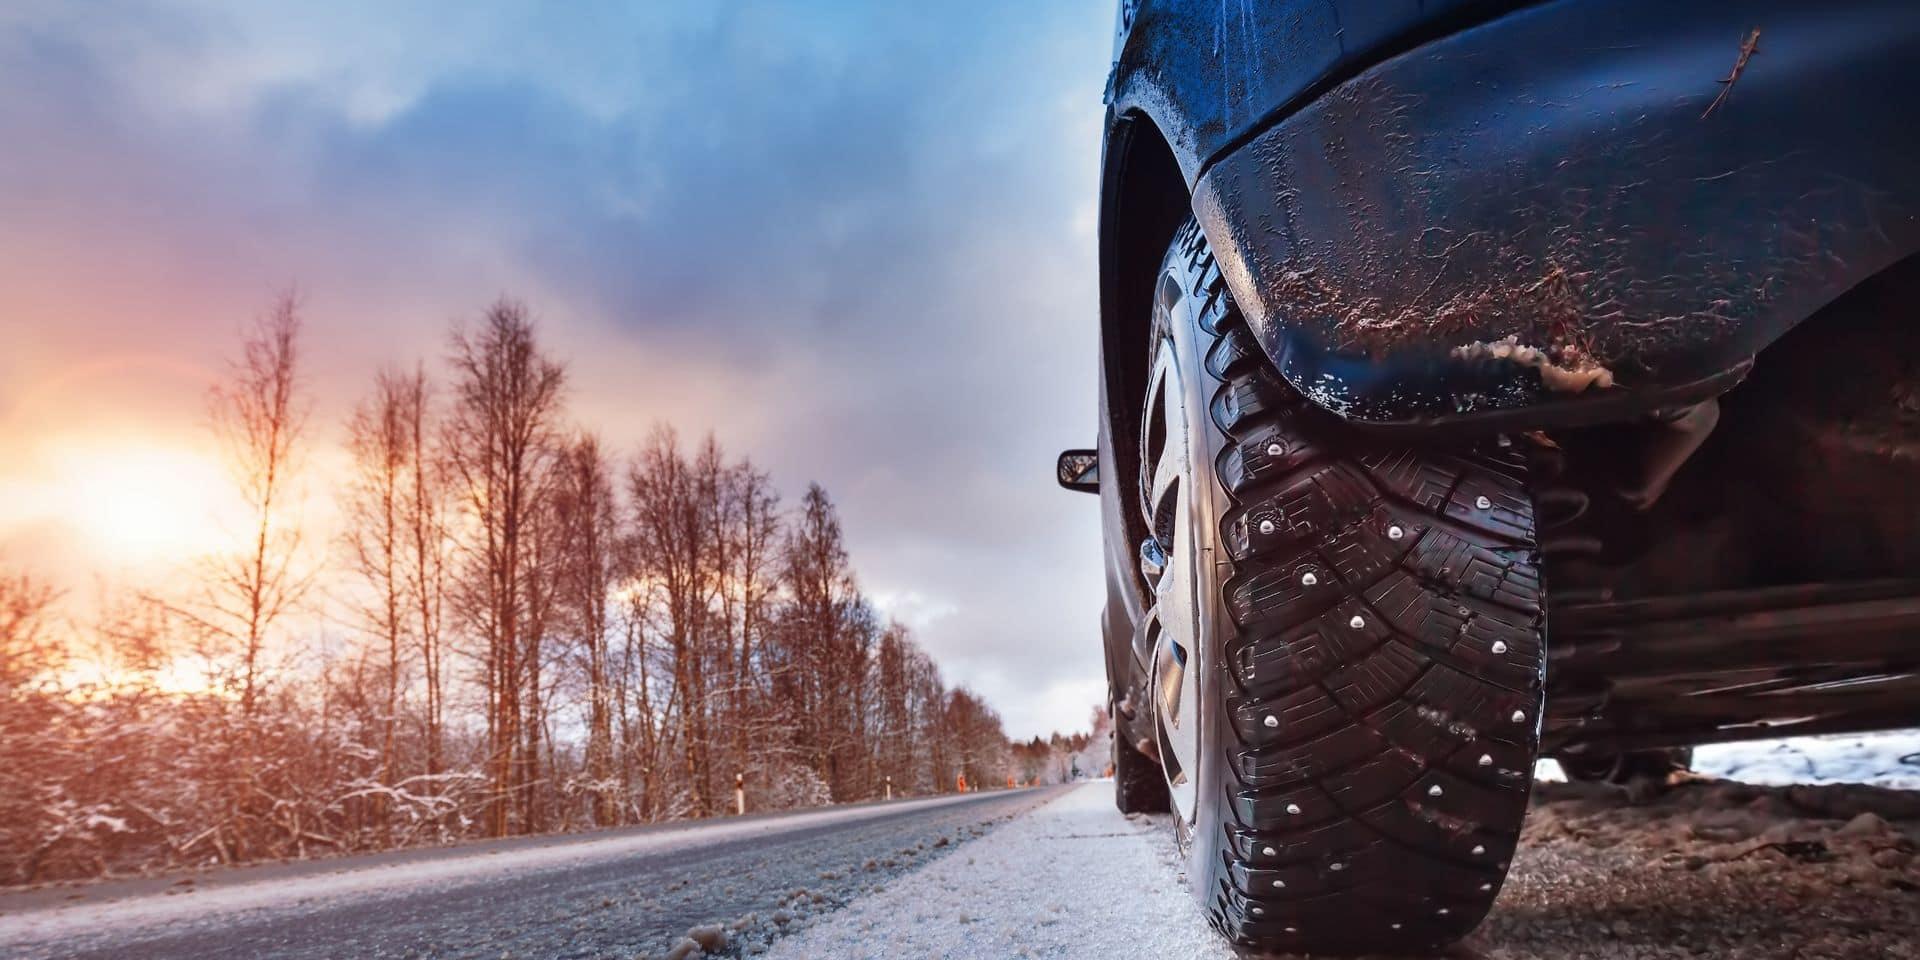 Météo: un temps (un peu) moins froid mais des routes toujours glissantes